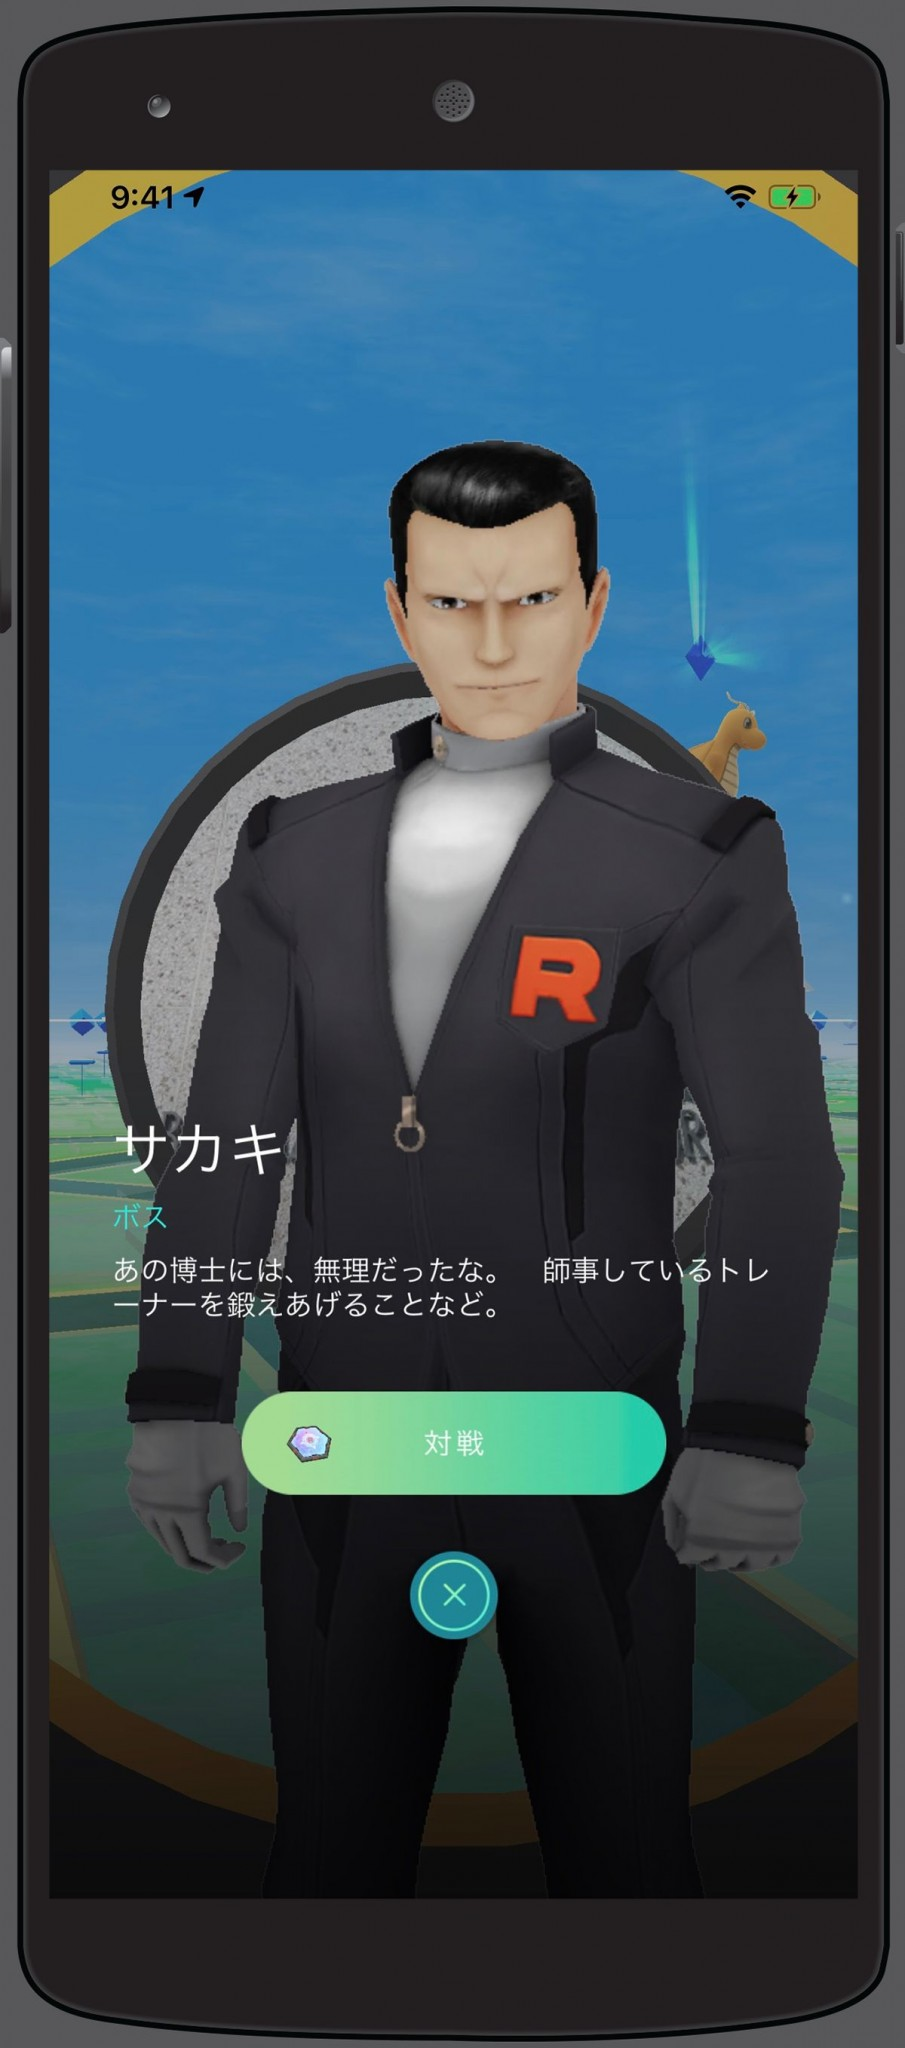 『ポケモンGO』GOロケット団チームリーダーらが活動を開始!ボス「サカキ」の存在も!?